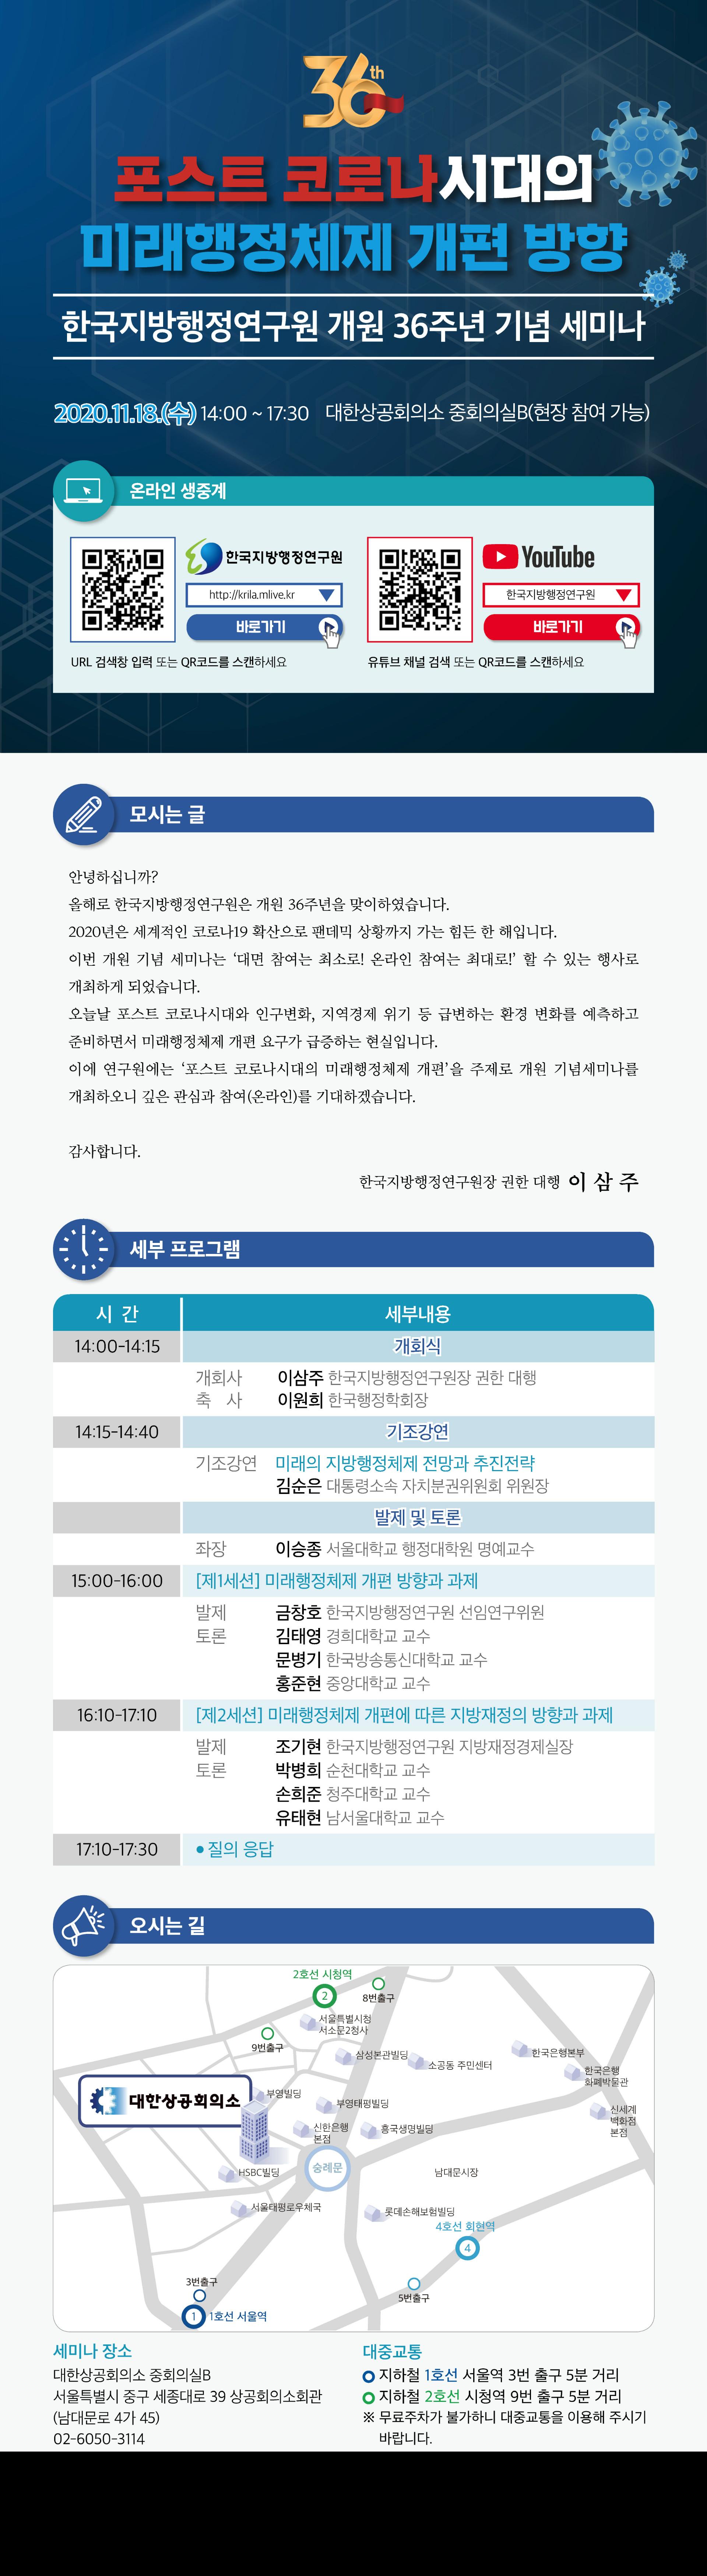 (20201112) 개원 36주년 기념 세미나 초청장.jpg